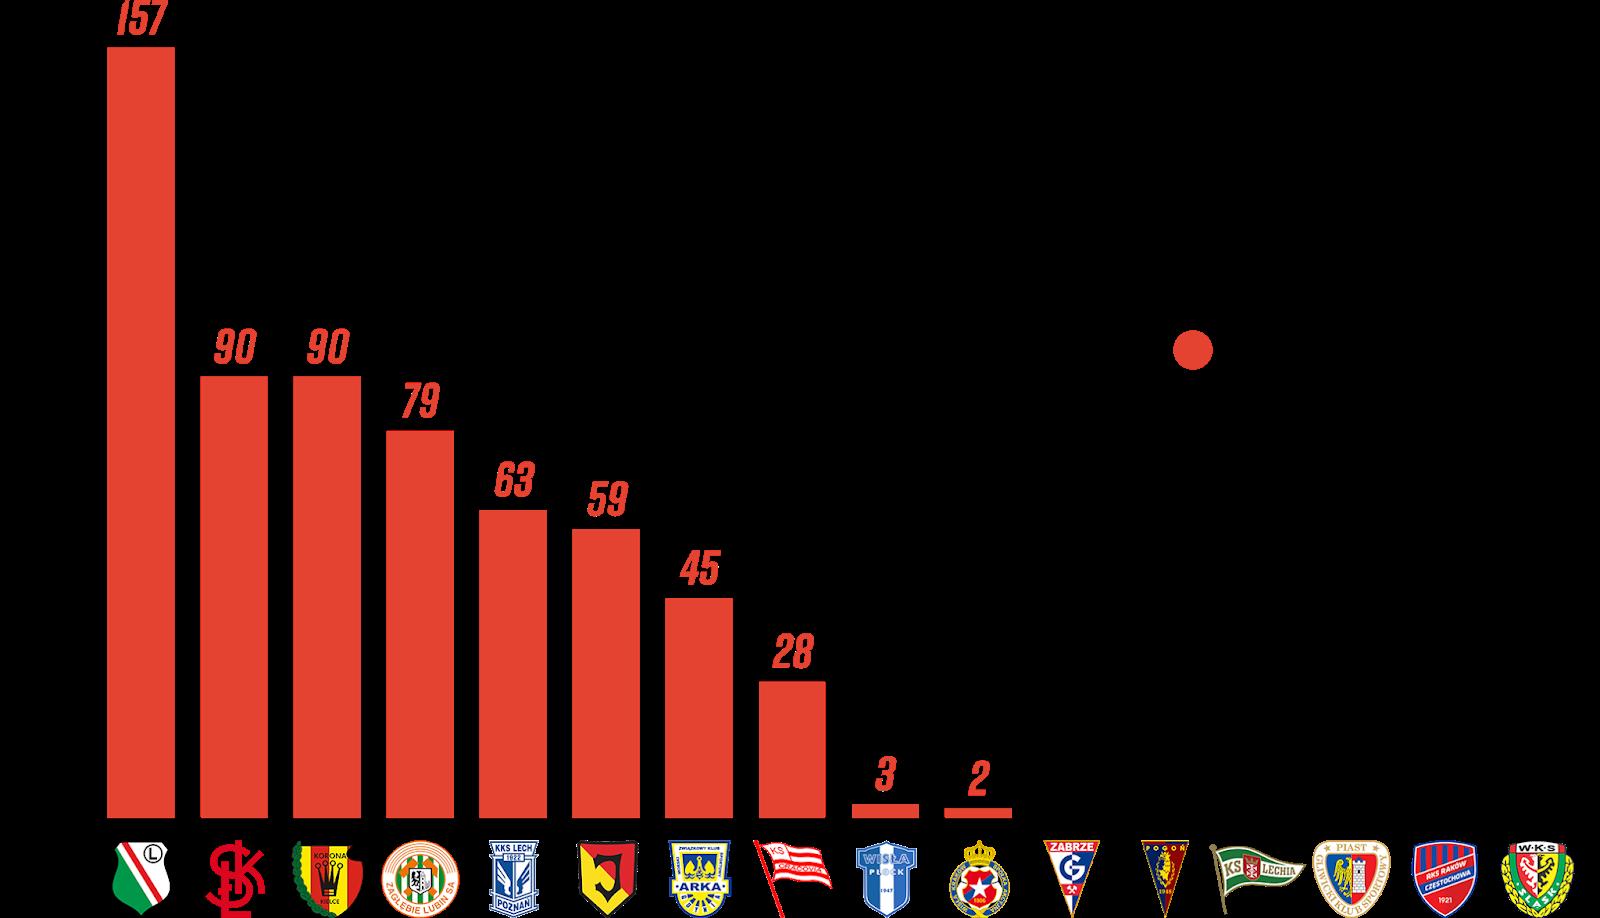 Ranking klubów pod względem rozegranych minut przez młodzieżowców kwalifikujących się do Pro Junior System w 1. kolejce PKO Ekstraklasy<br><br>Źródło: Opracowanie własne na podstawie 90minut.pl<br><br>graf. Bartosz Urban